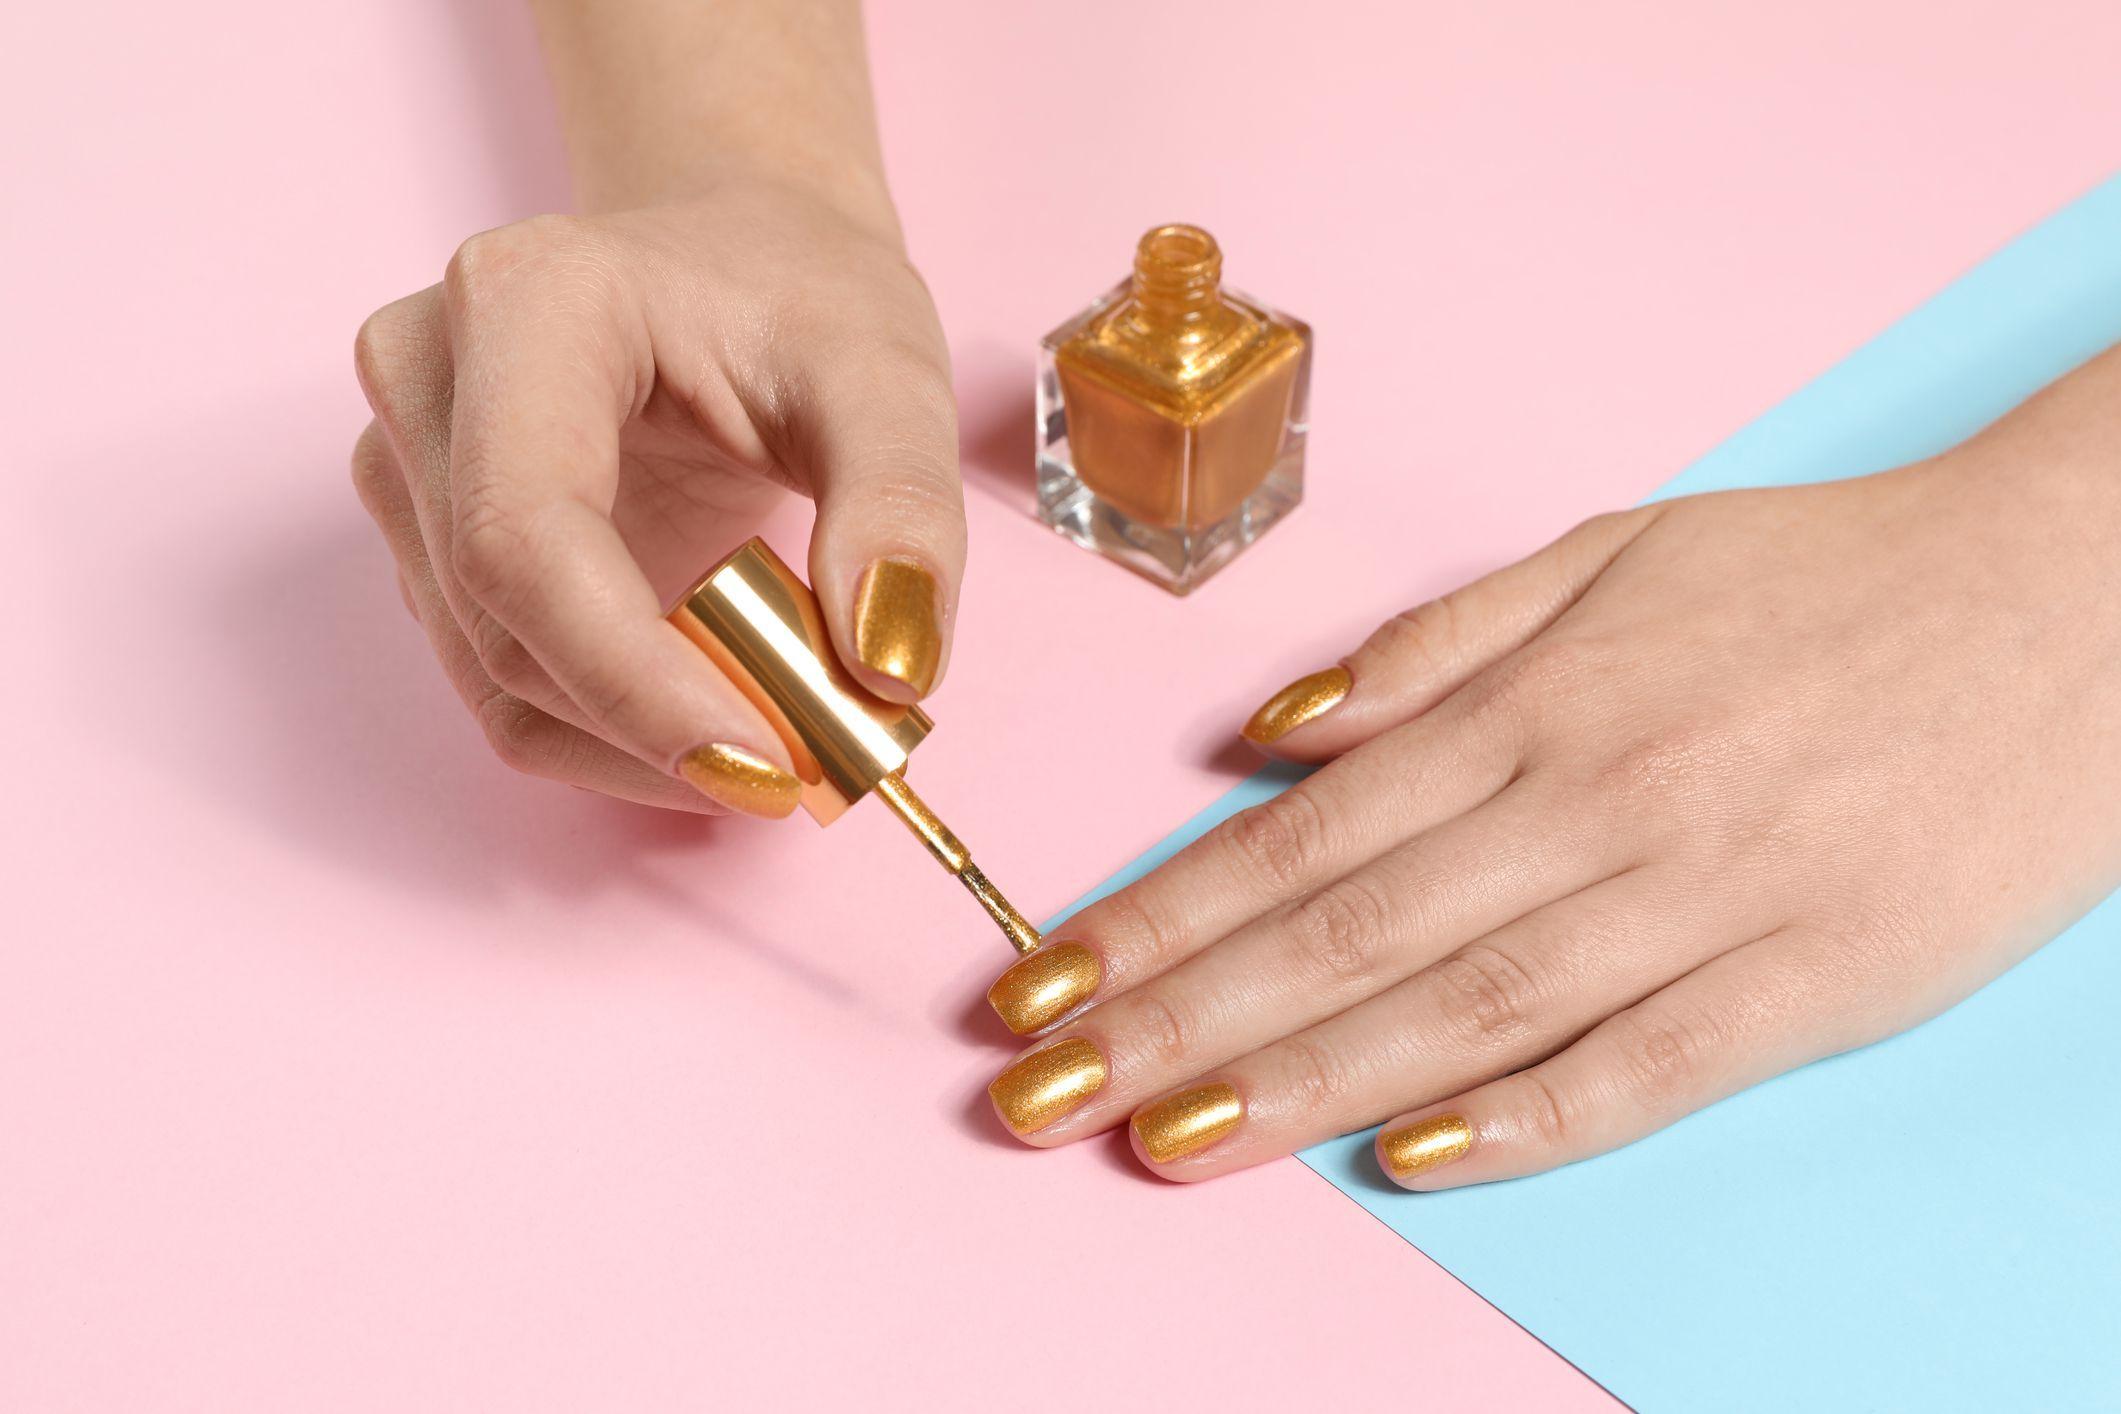 Nail Salon 31909 Lv Nails Spa Columbus Ga 31909 In 2020 Nail Spa Posh Nail Spa Posh Nails